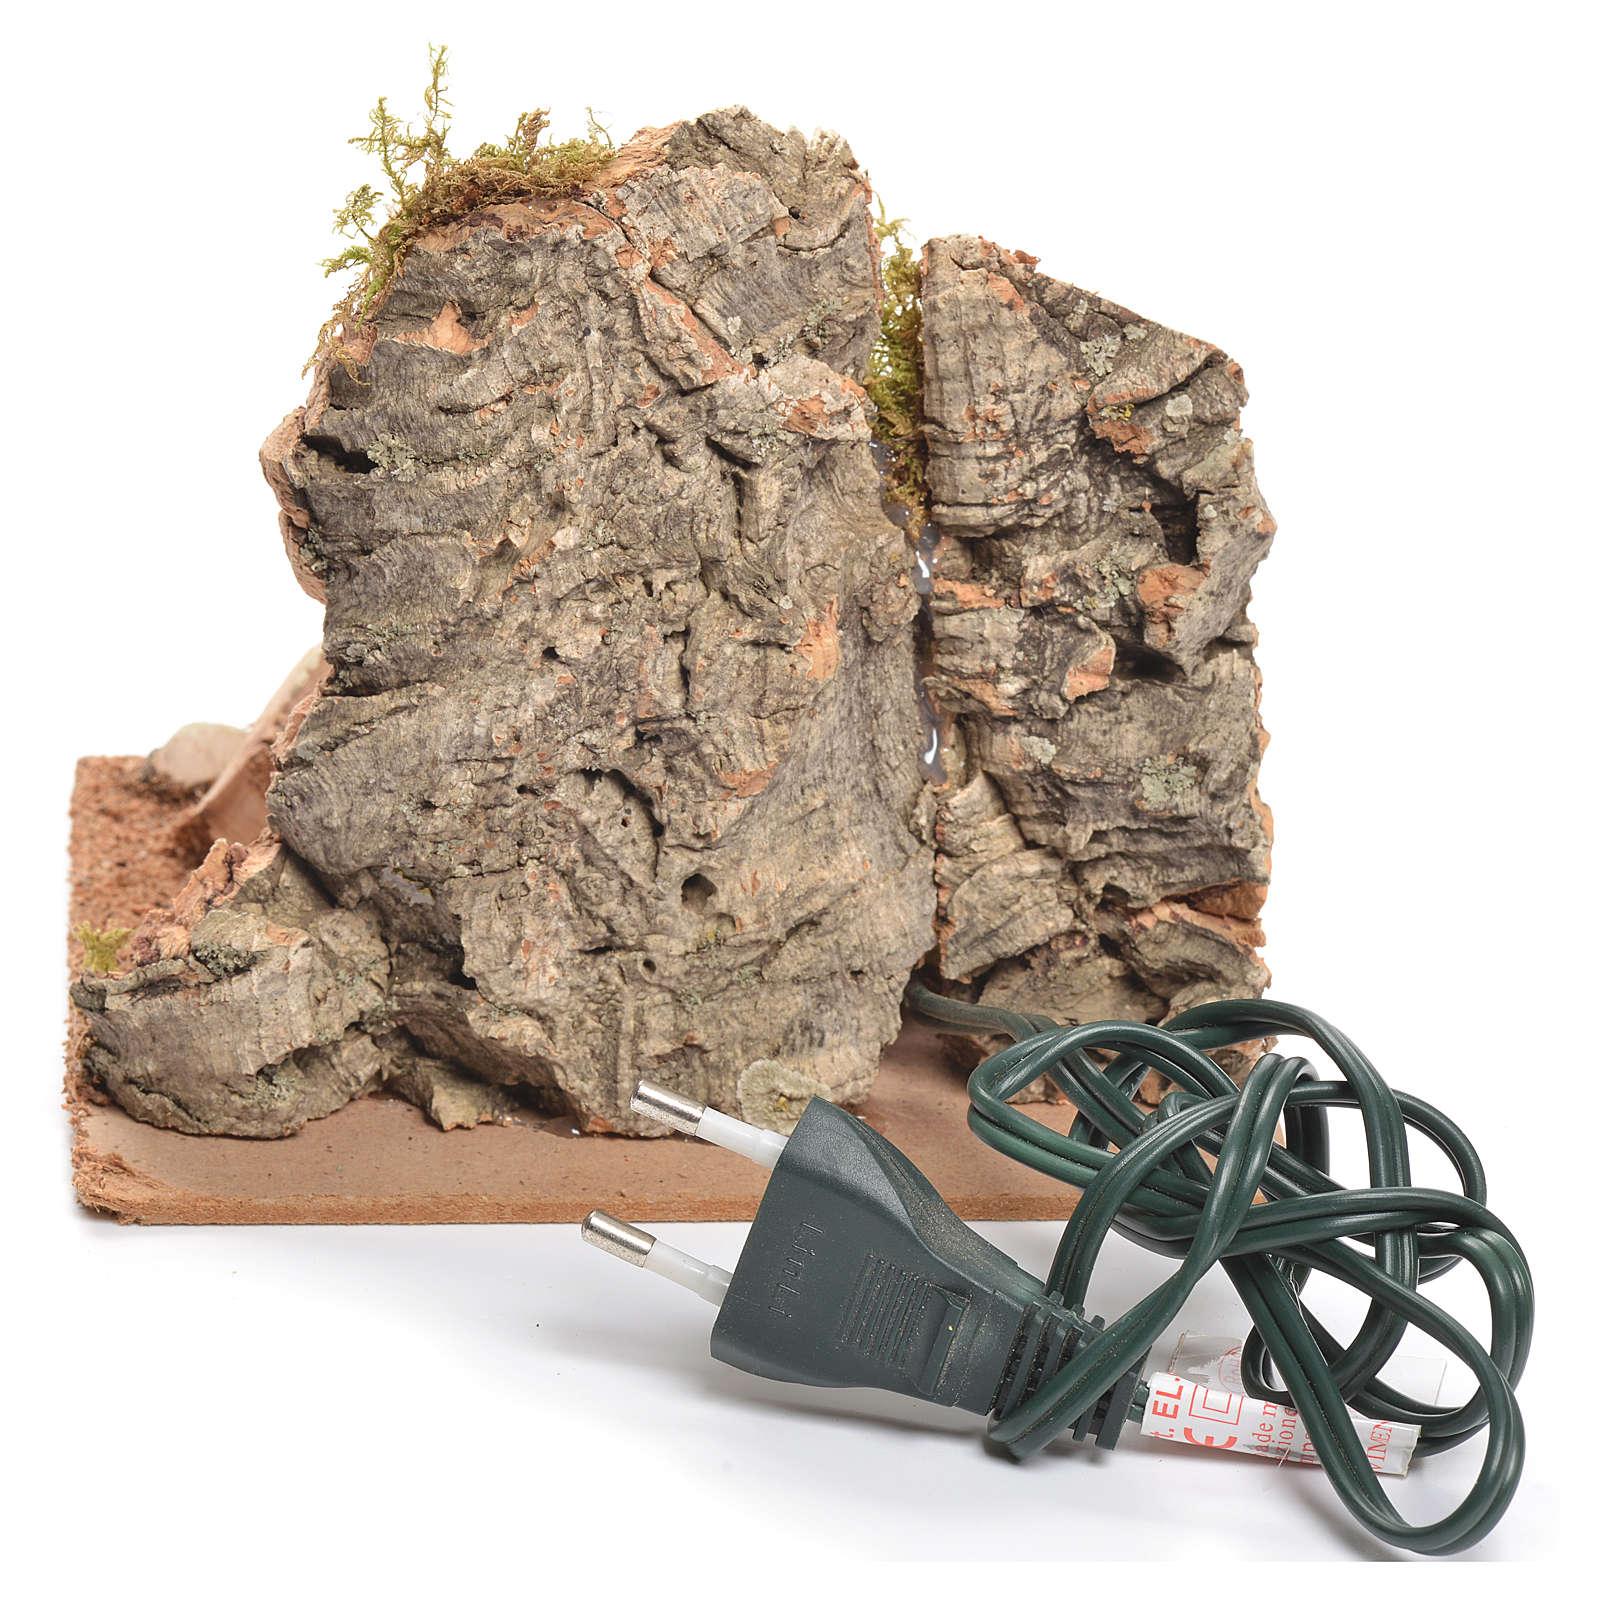 Bivacco rustico con fuoco a corrente per presepe 12x15x15 cm 4